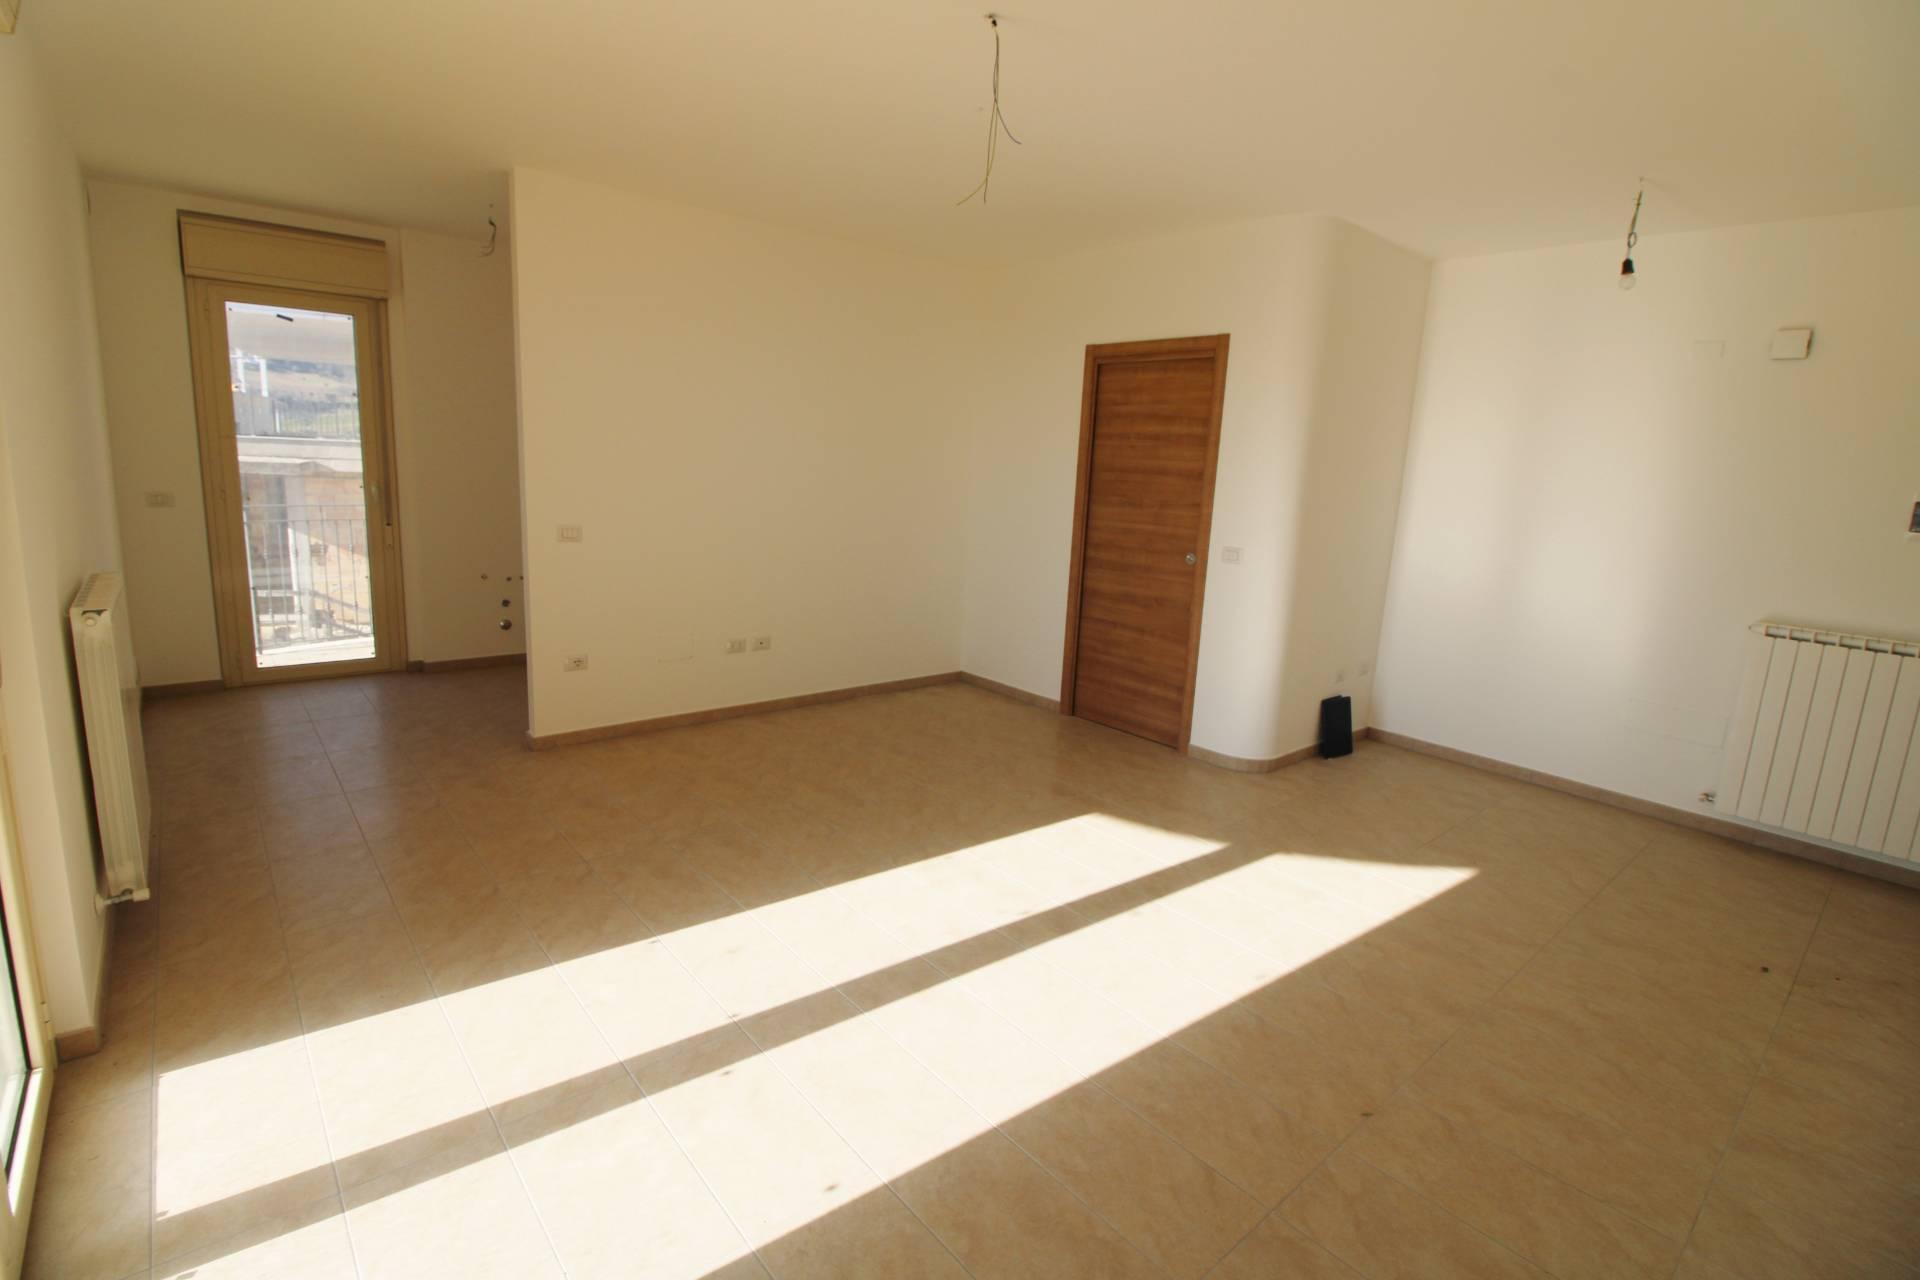 Appartamento in vendita a Colonnella, 3 locali, prezzo € 150.000 | PortaleAgenzieImmobiliari.it